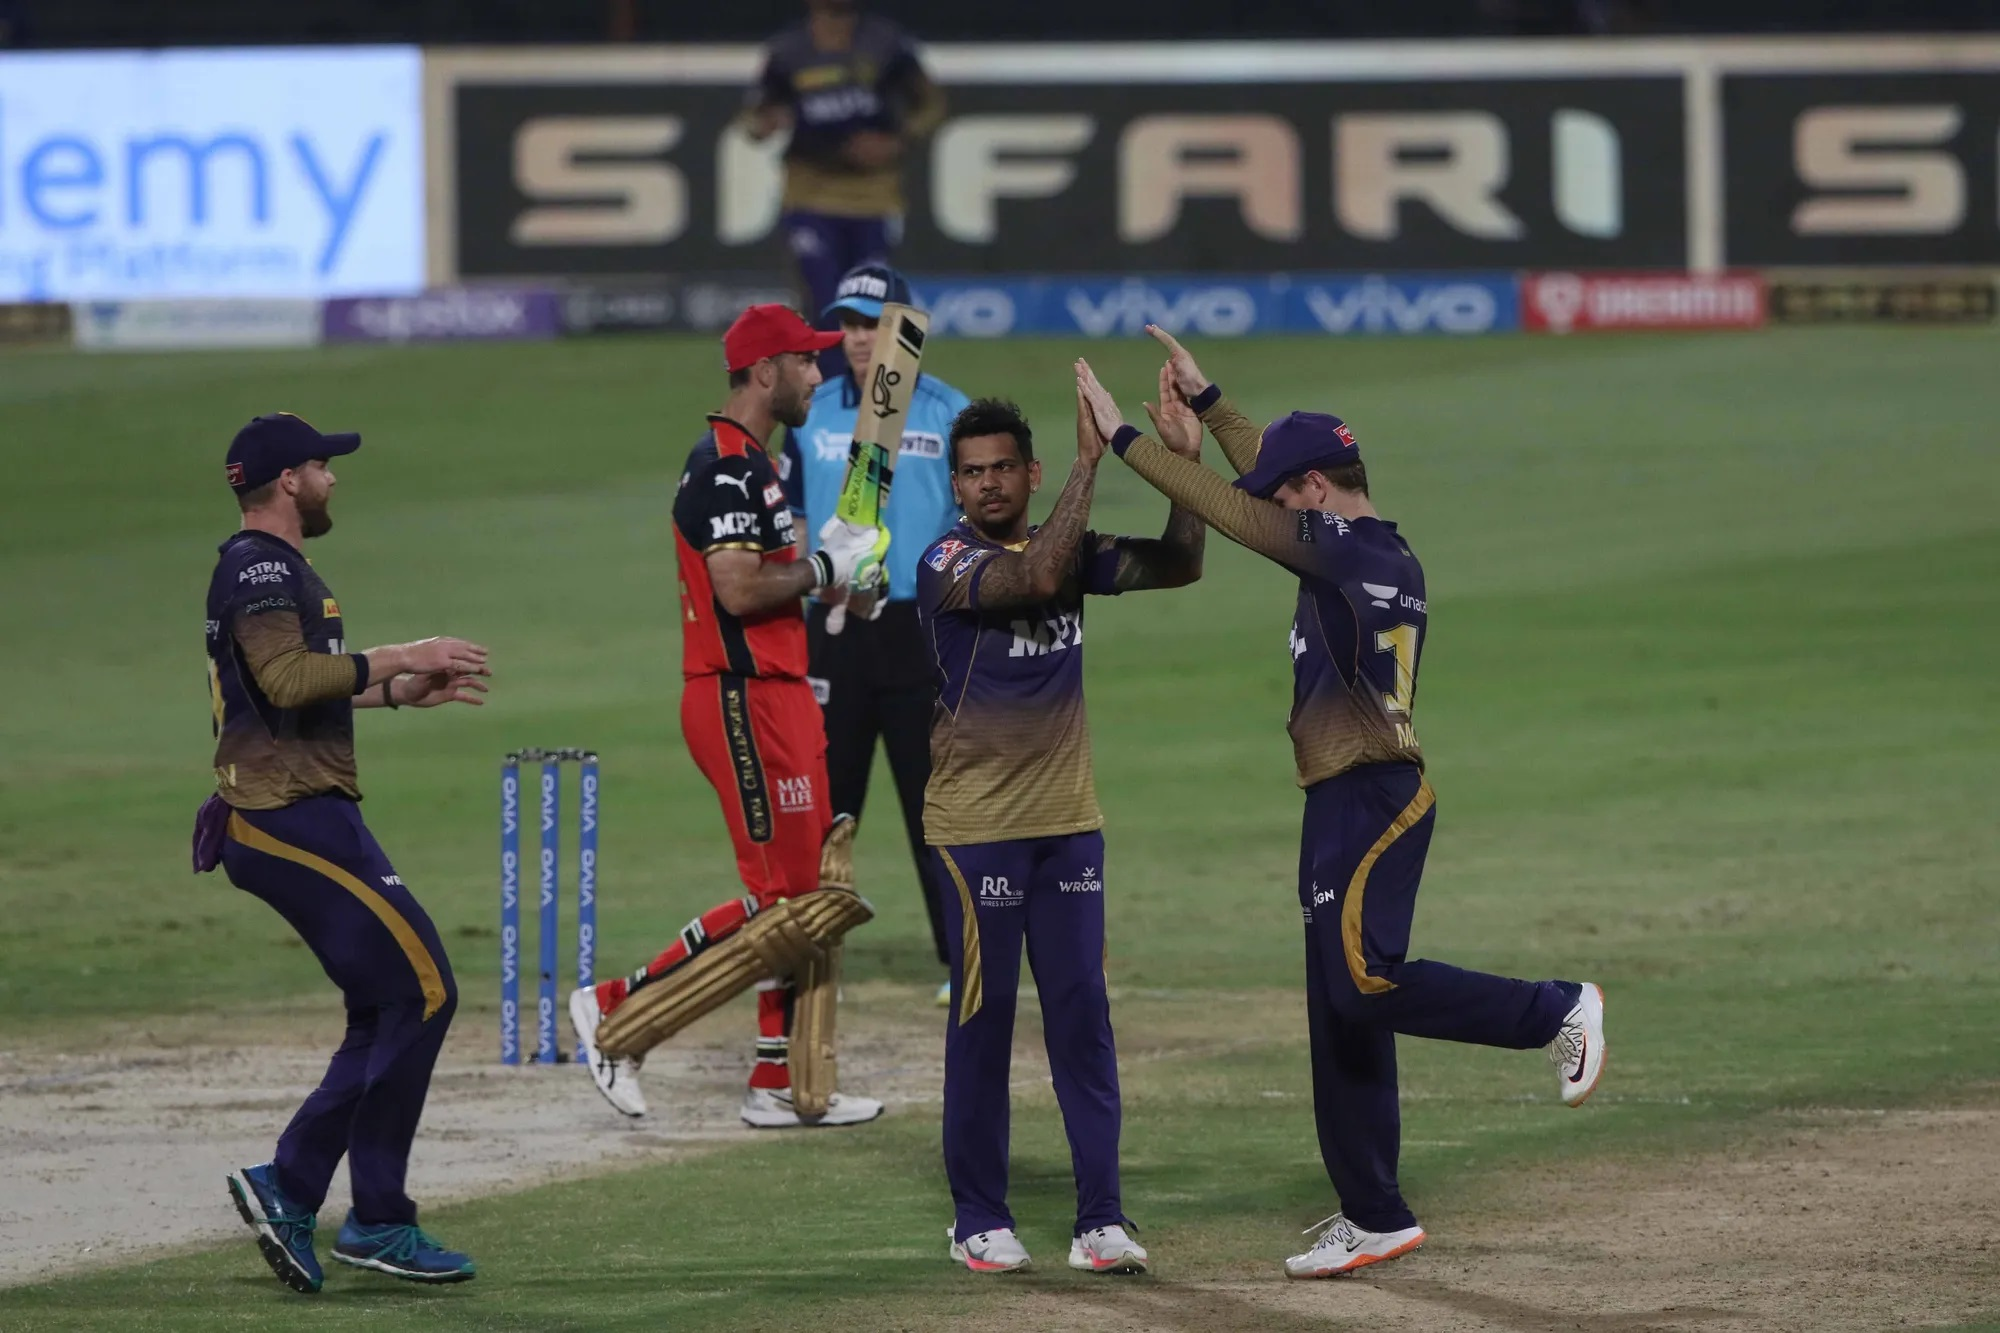 इस ताकत का नाम है- सुनील नरेन। कोलकाता नाइट राइडर्स के इस खिलाड़ी ने कोहली की कप्तानी में खेले गए आखिरी मैच को उनके लिए एक दुखद याद बना दिया। सुनील नरेन ने पहले बॉलिंग की। तब उनका रिकॉर्ड देखिए- 4 ओवर, 21 रन और 4 विकेट। विकेट भी किसके- विराट कोहली, केएस भरत, ग्लेन मैक्सवेल और एबी डिविलियर्स के। यों मानिए कि पूरी टीम अकेले यही आउट कर गए थे।